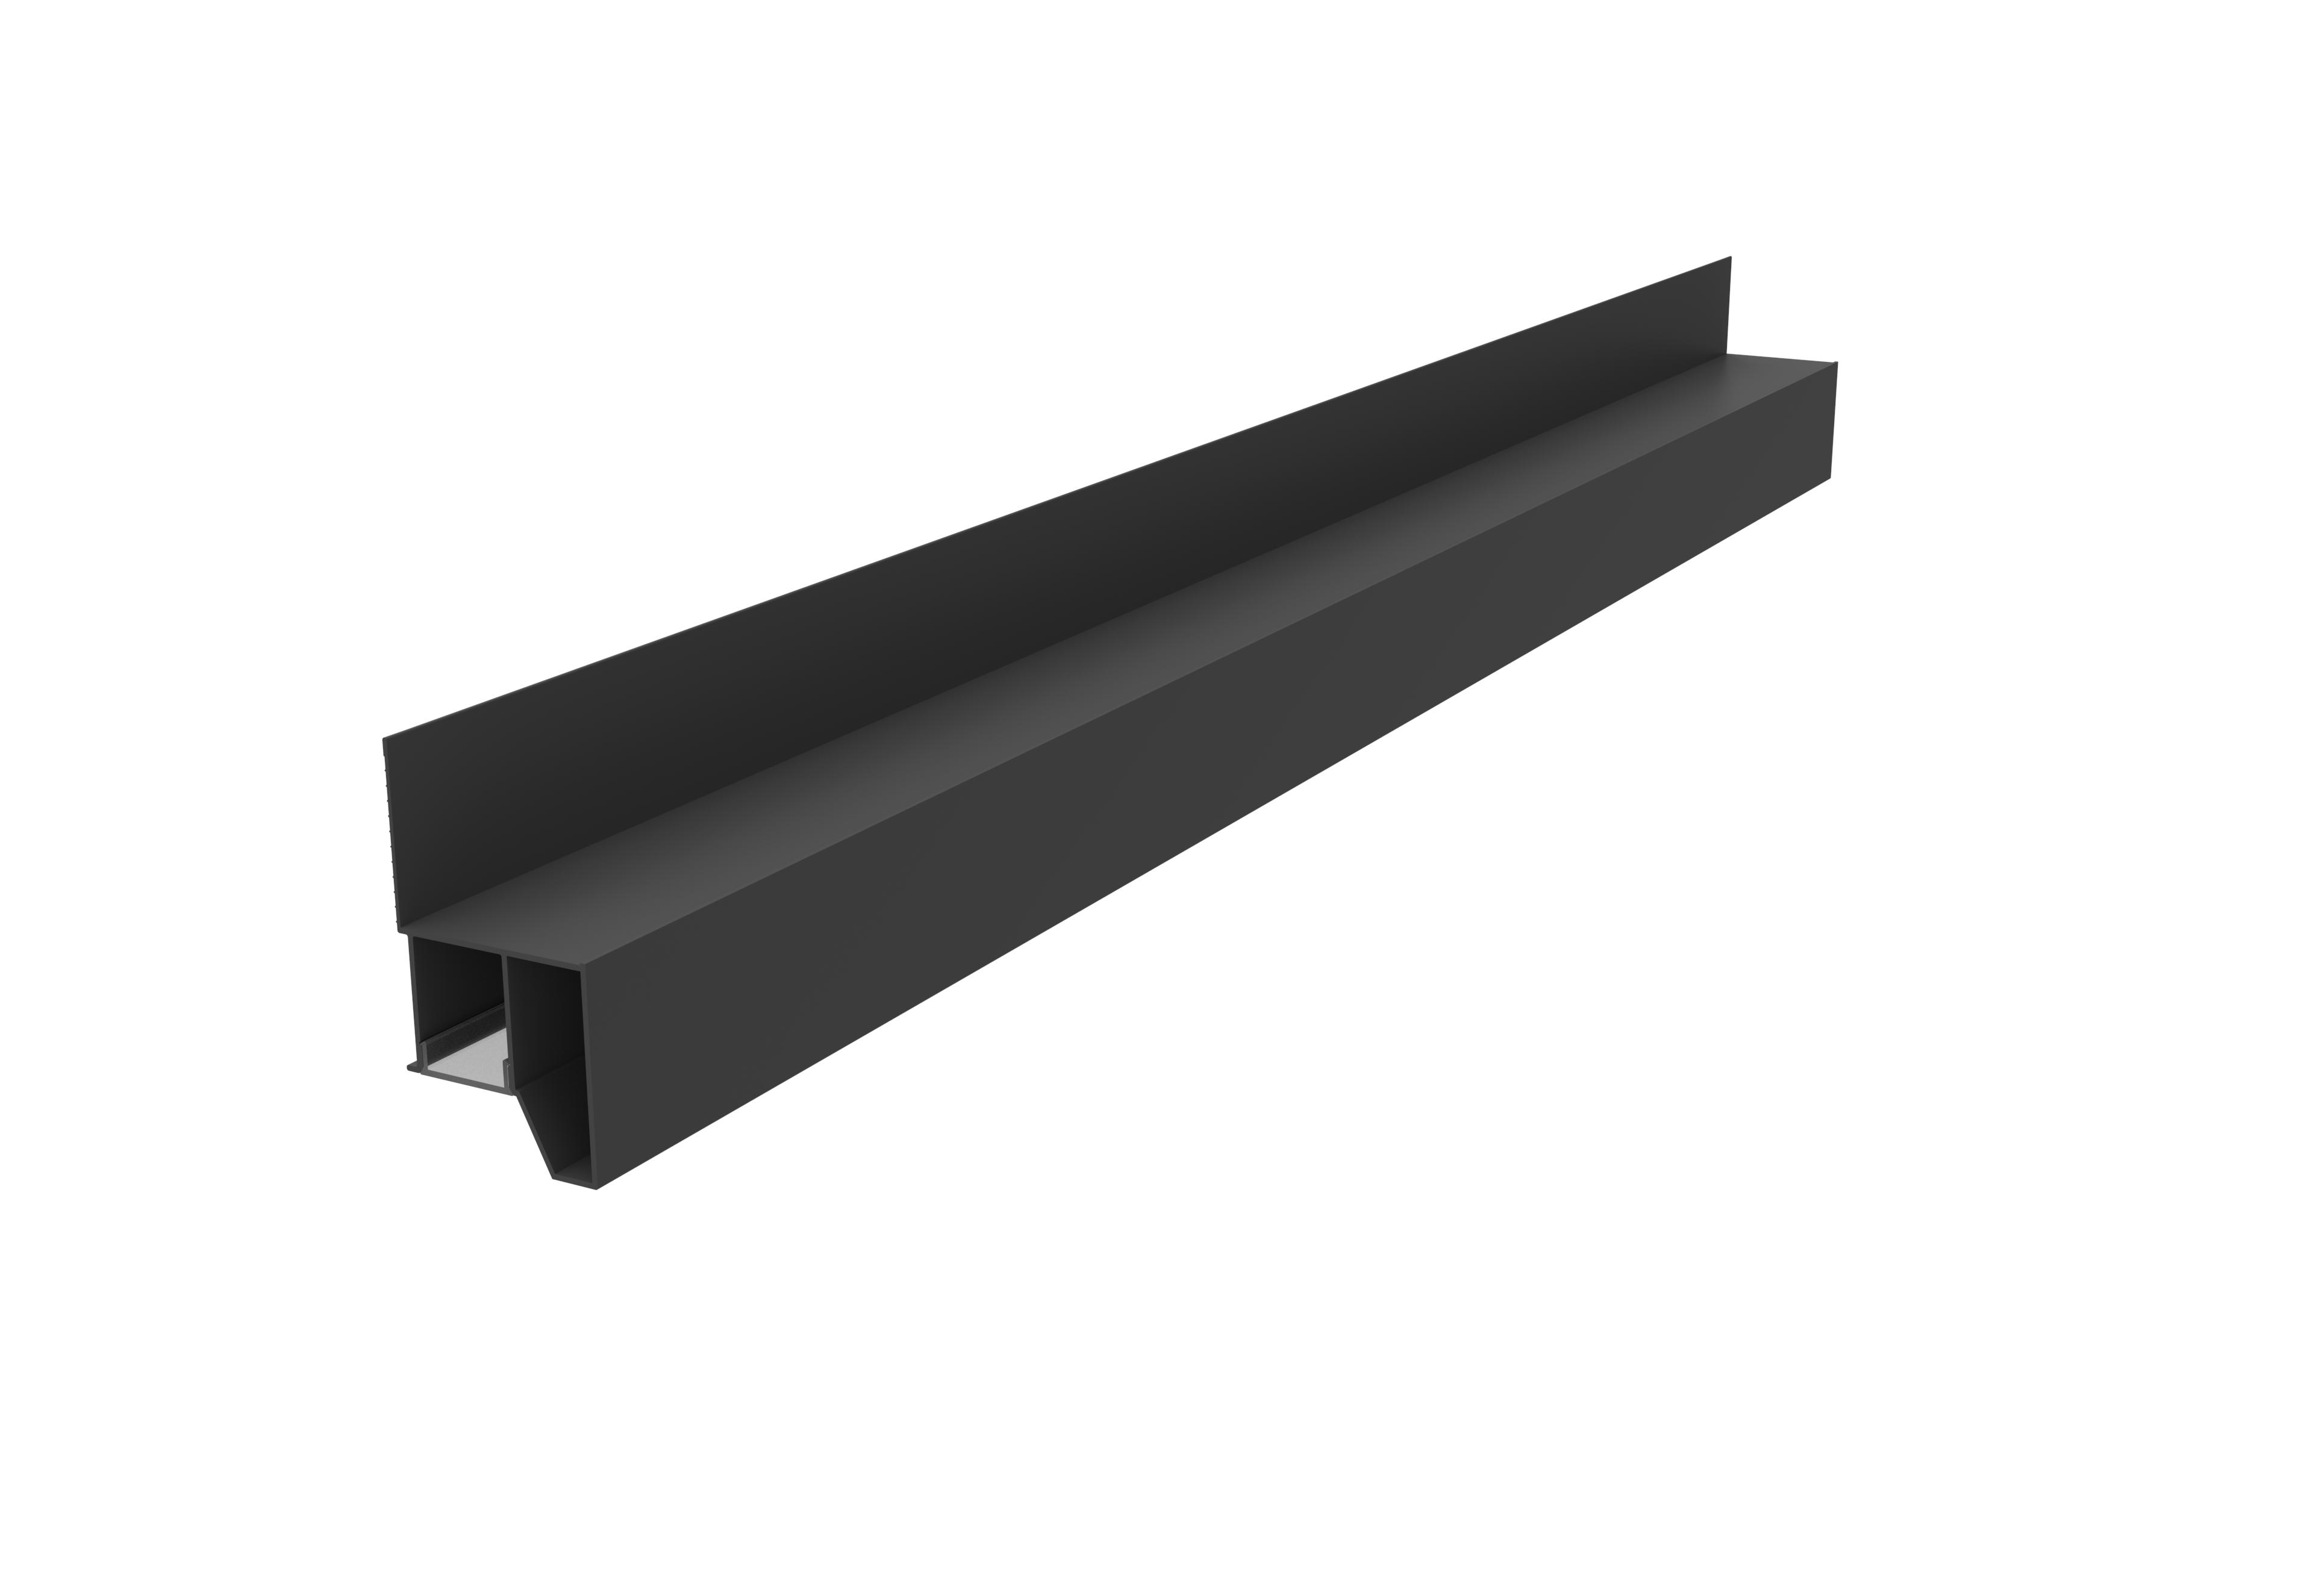 集成吊顶边角线2.8M BDS-BJ-2103发光边角-氧化哑光黑效果图